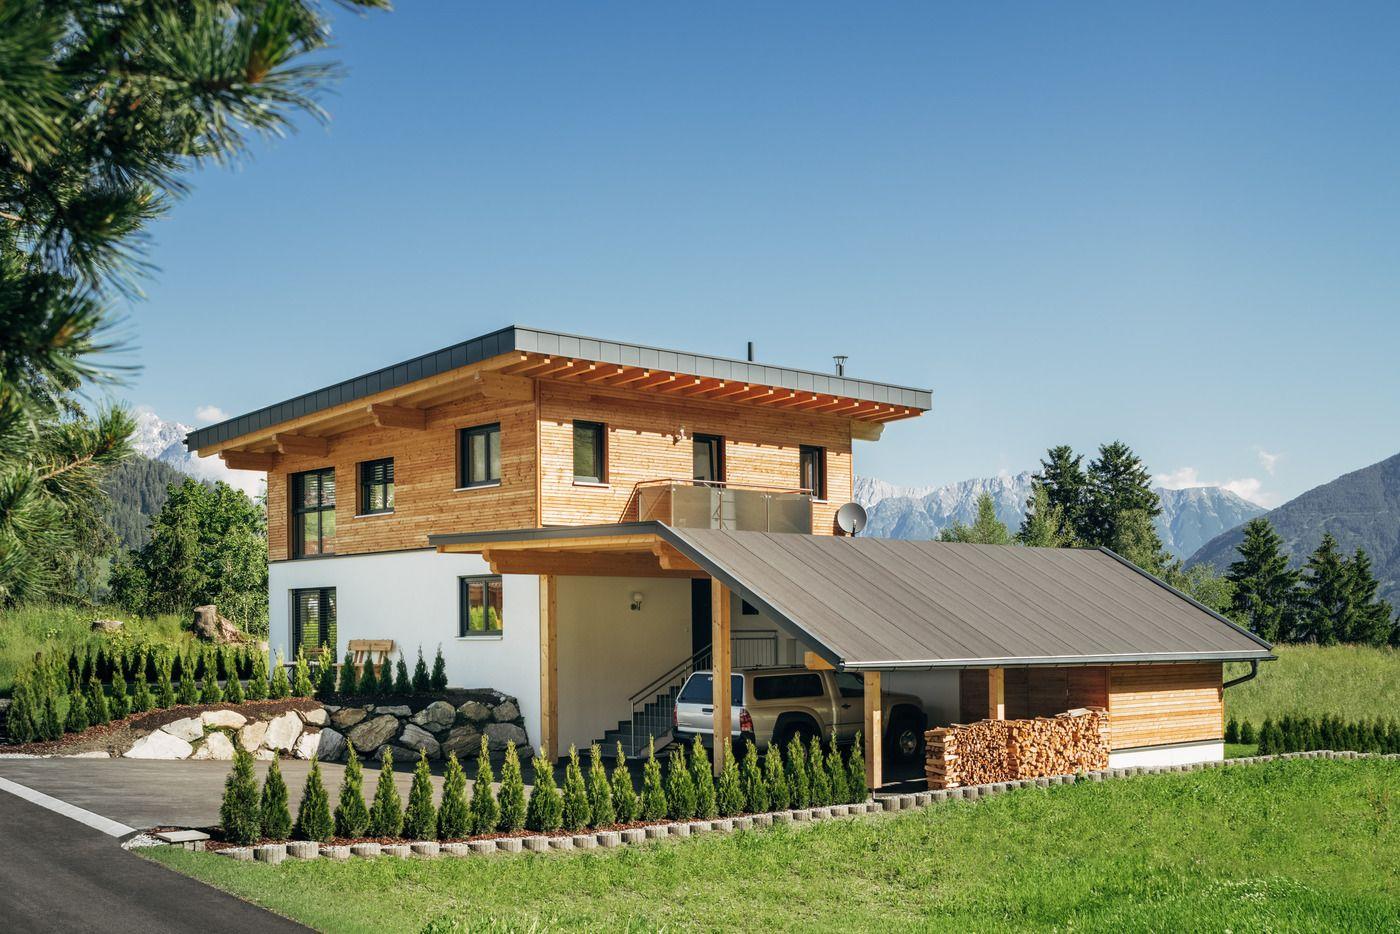 Photo of Besonderes Gefühl, in einem Holzhaus mit Spiegelkonstruktion zu leben